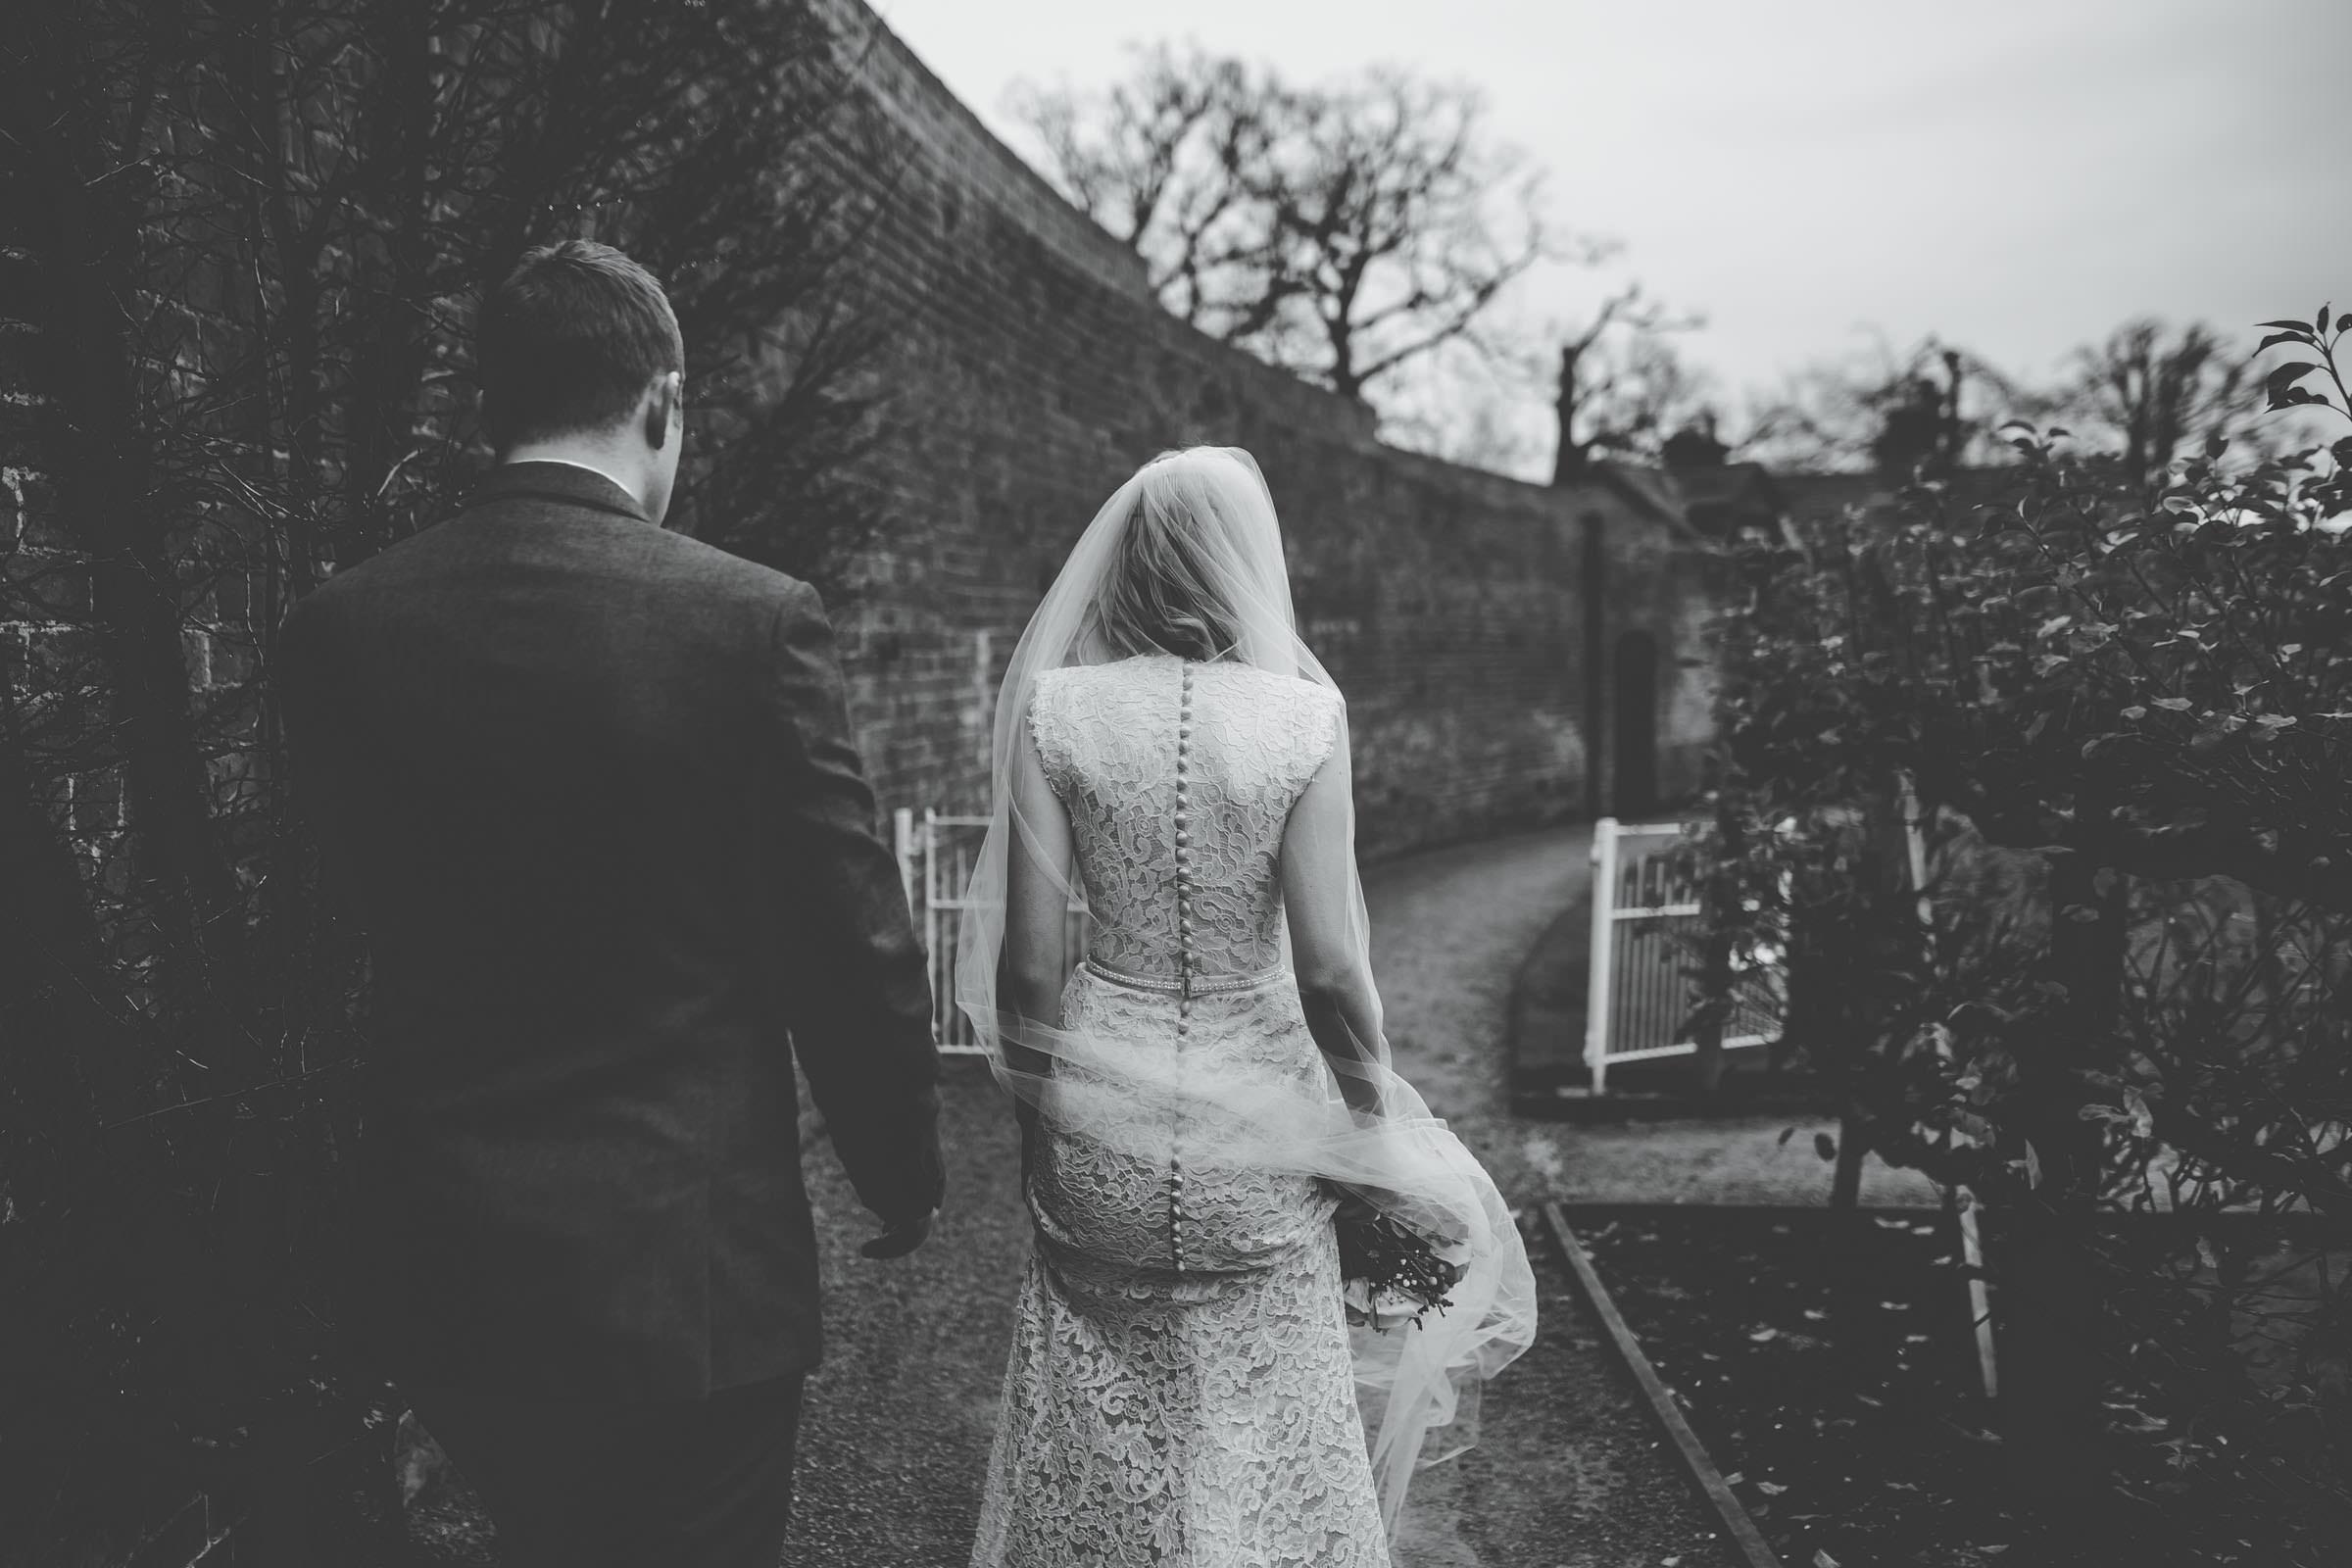 creative black and white wedding photography Shropshire wedding